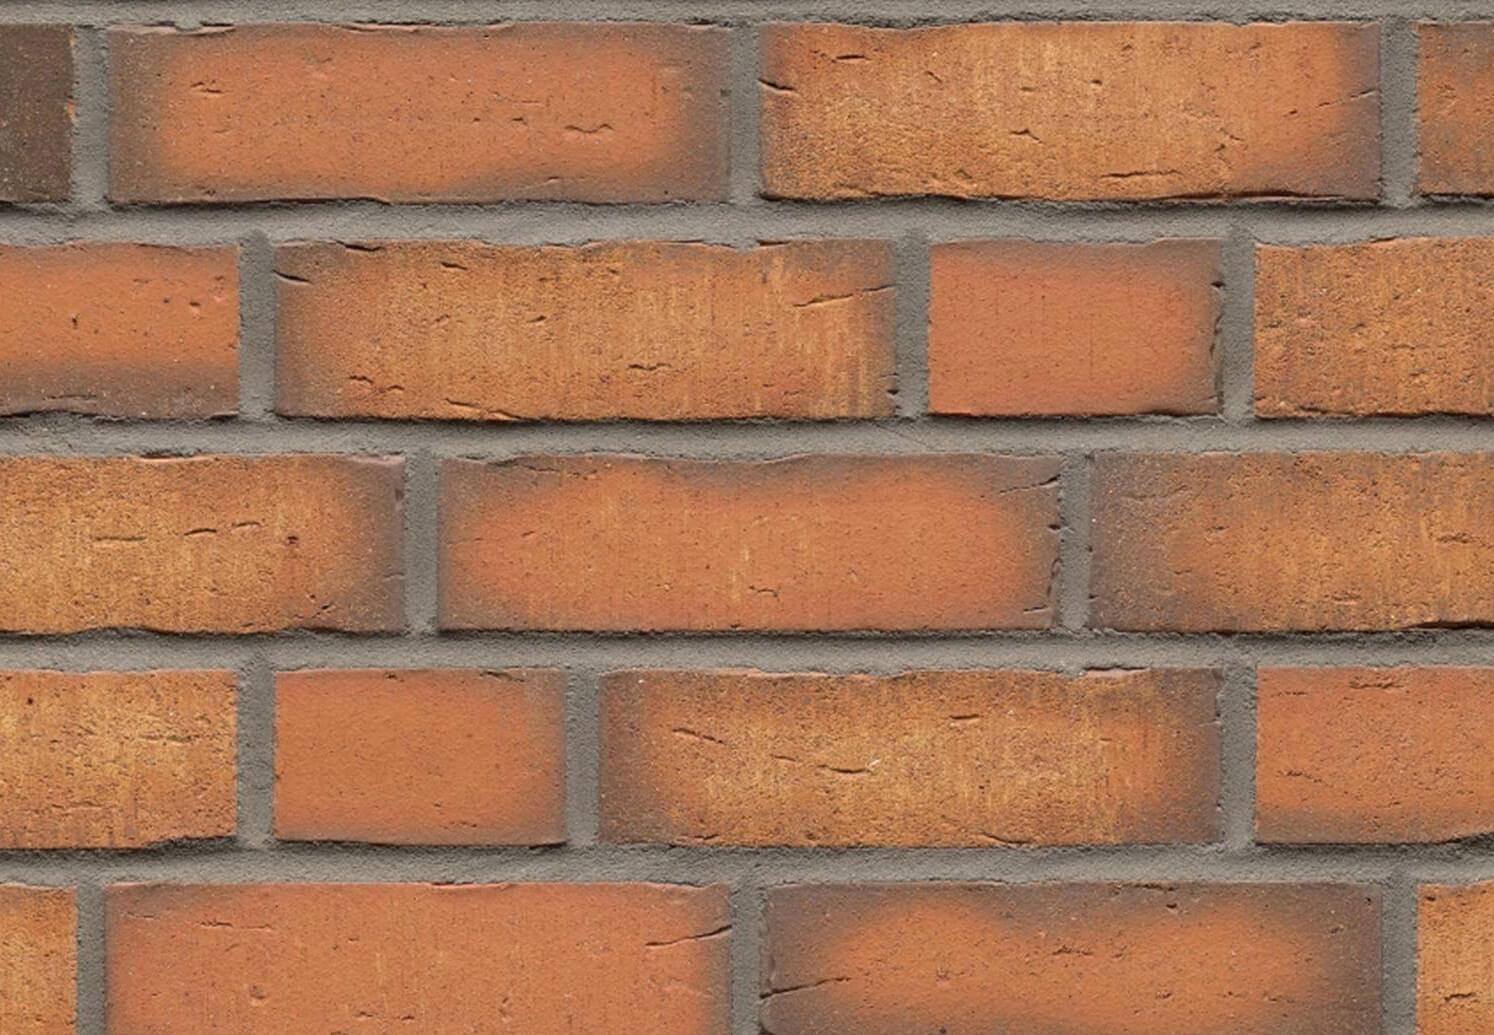 Feldhaus Klinker - R758NF14, Vascu Terracotta, 240x14x71 - Клинкерная плитка для фасада и внутренней отделки